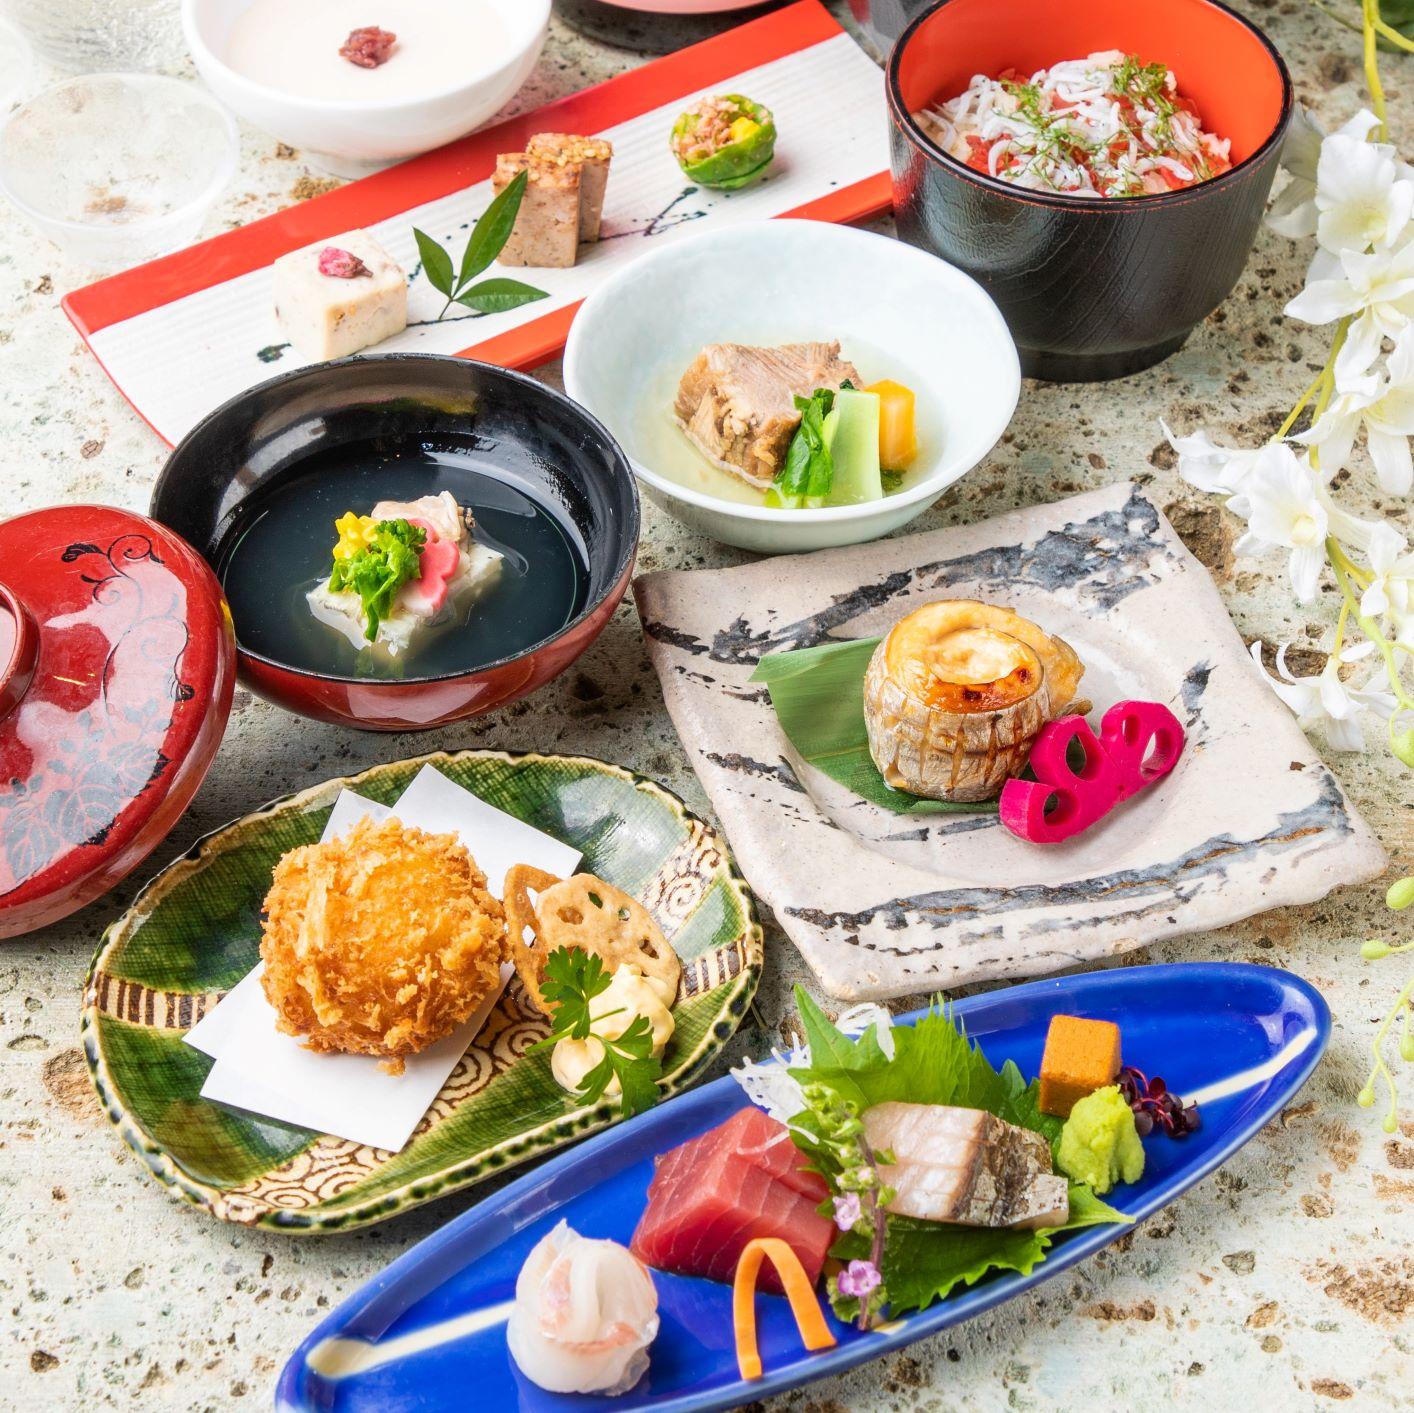 [お料理のみ] 伊勢海老と旬菜旬魚の特選会席11品